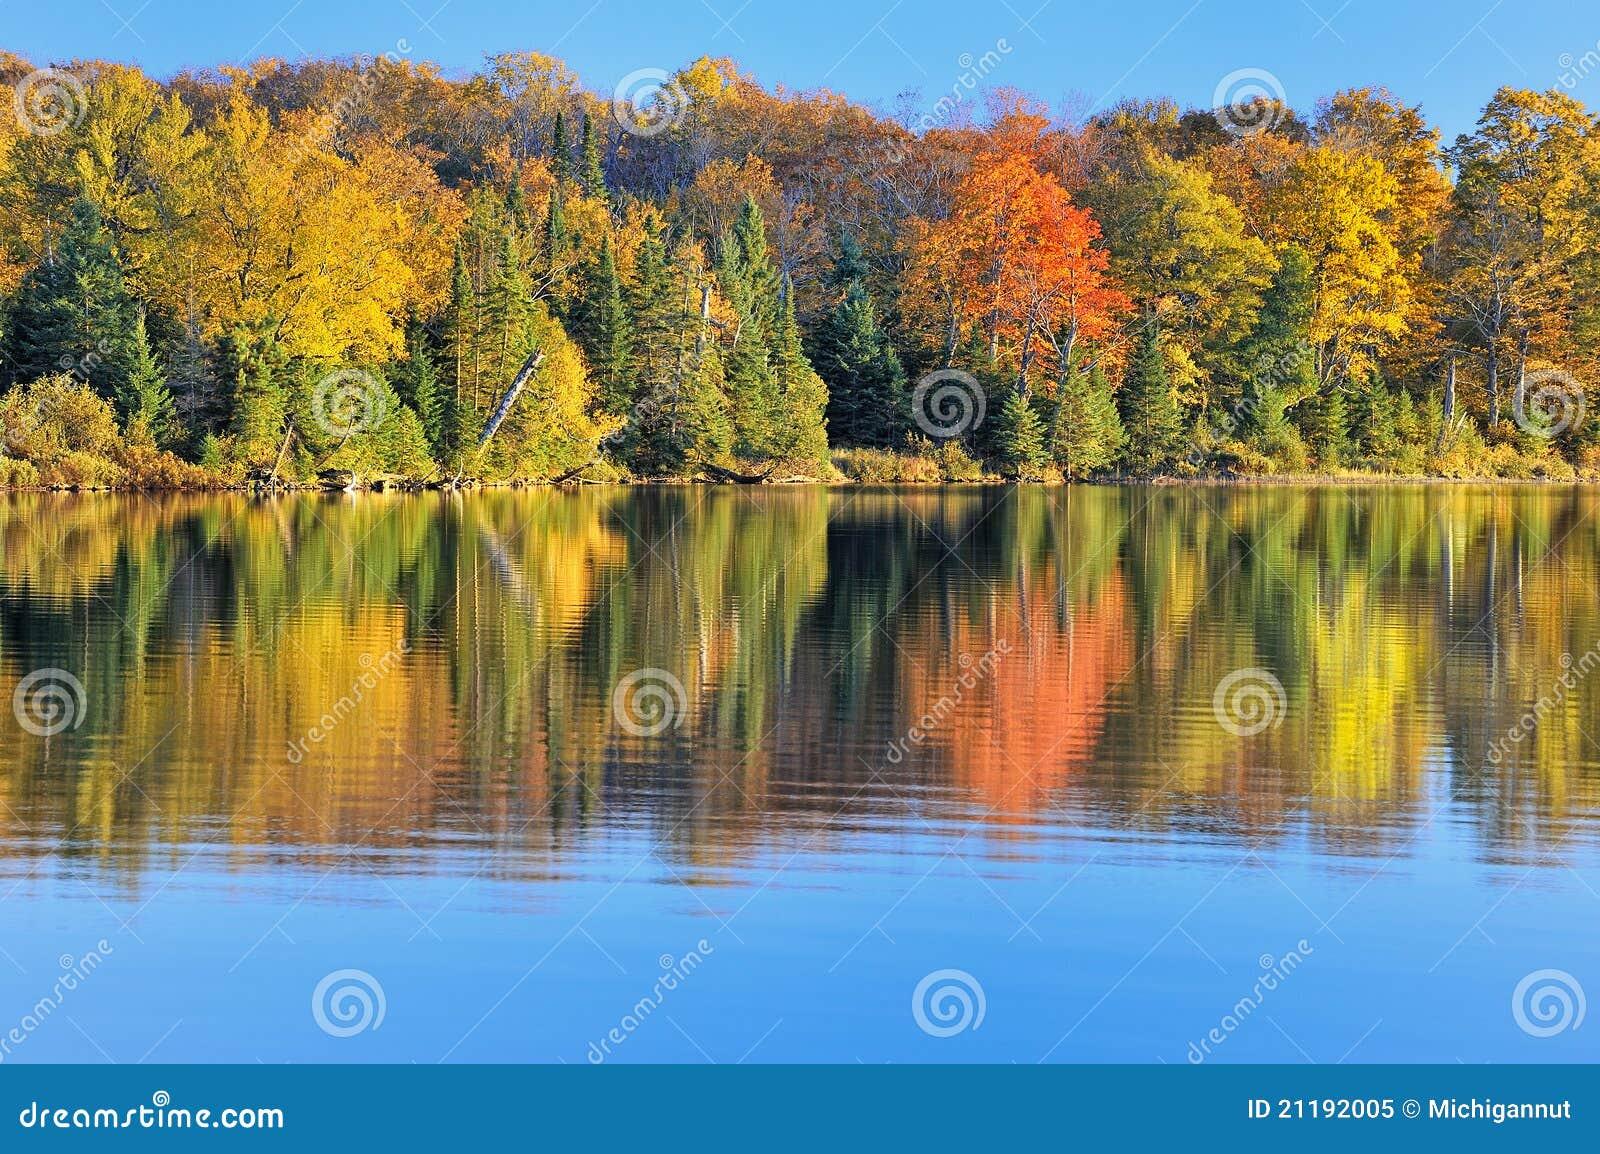 Autumn at Grand Sable Lake